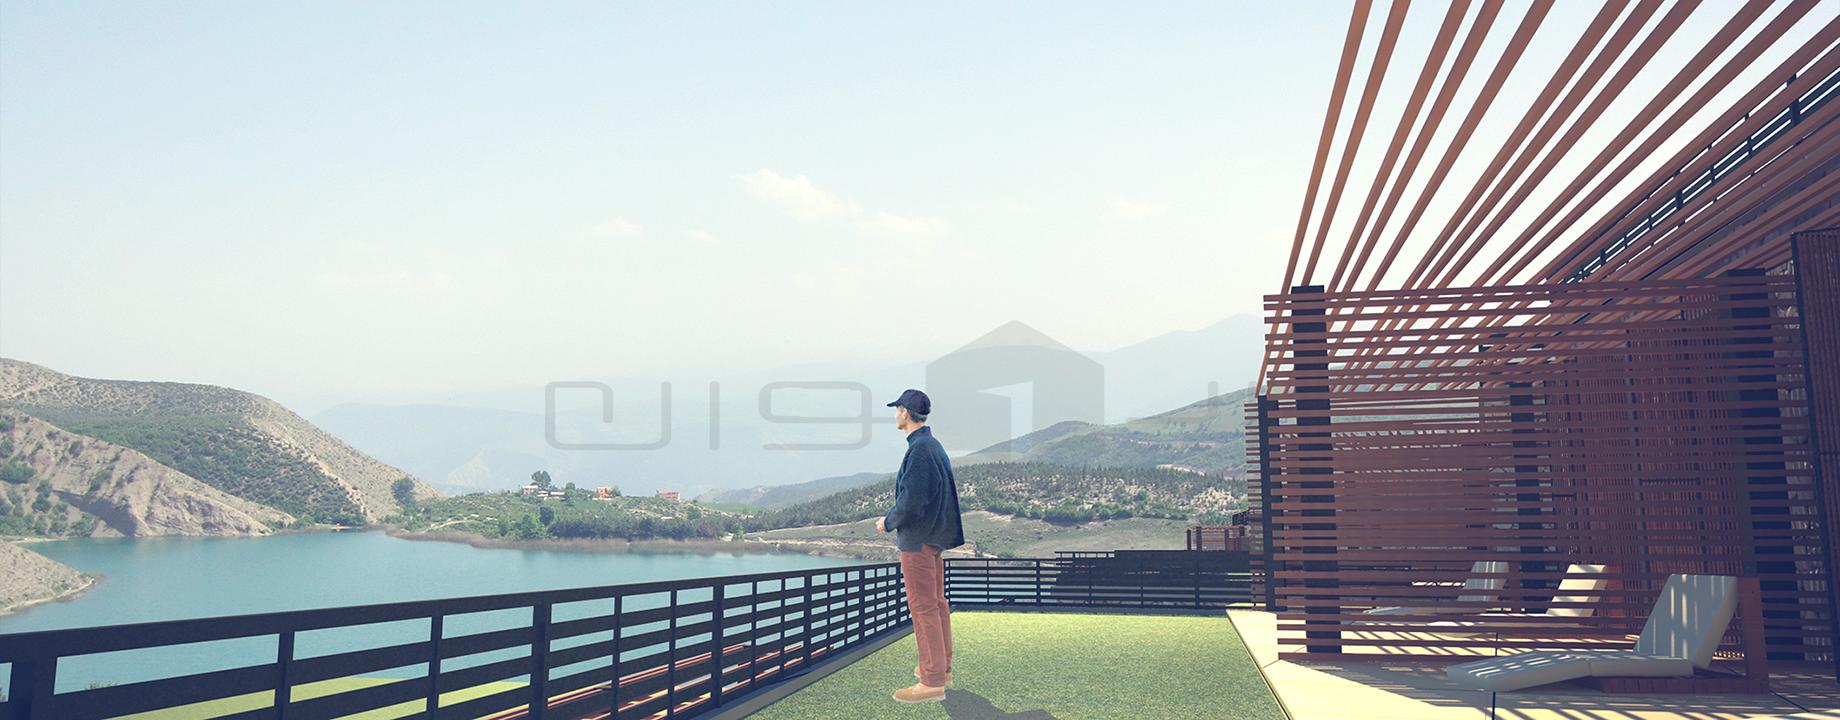 ۹۰۱ طراحی مجموعه تفریحی-توریستی دریاچه ولشت طراحی مجموعه تفریحی-توریستی دریاچه ولشت 9011 1840x720 t